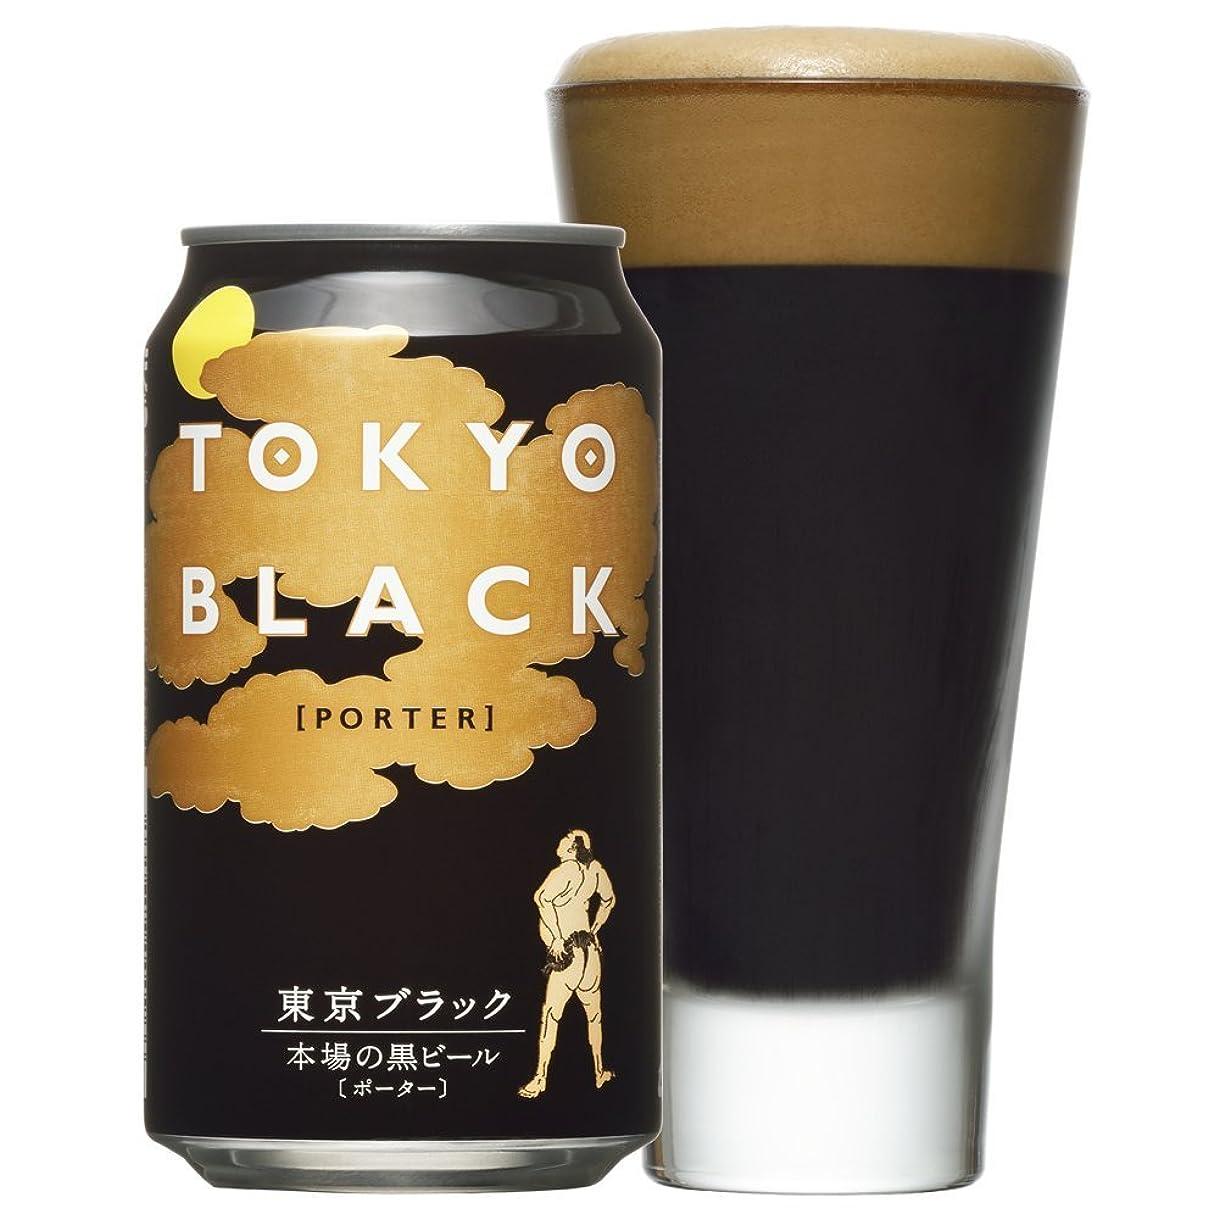 楽観ヒゲ謎めいたクラフトビール ヤッホーブルーイング 東京ブラック 黒ビール 缶 350ml